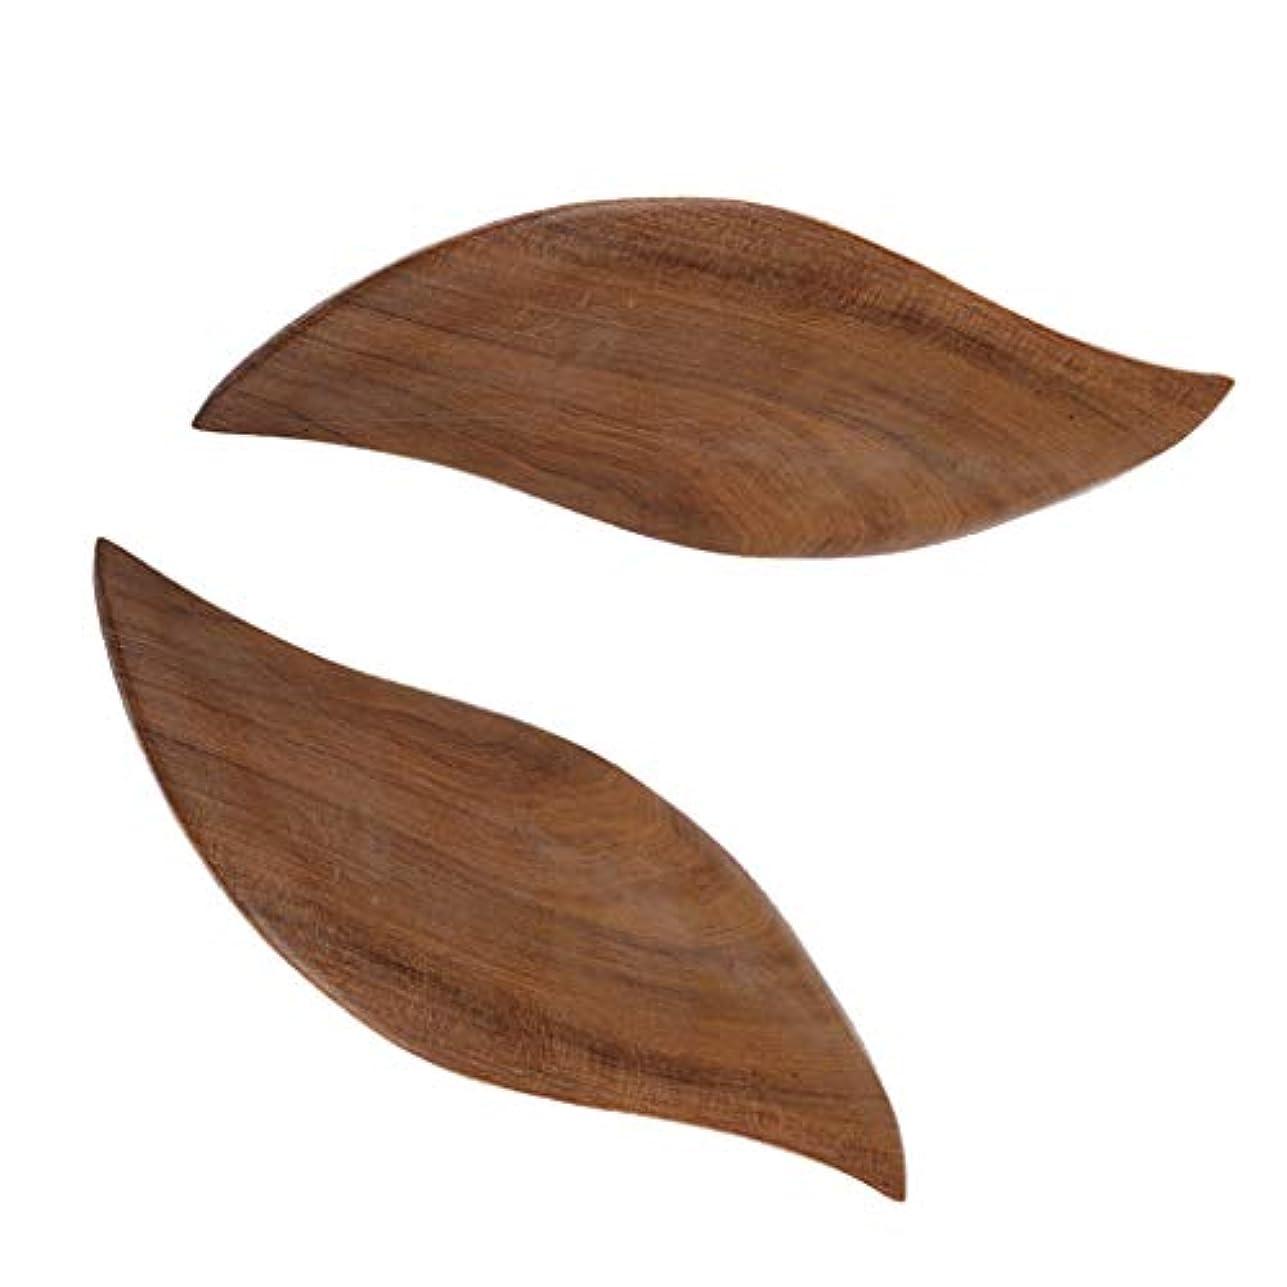 ブロー銅ラッシュ2枚 かっさプレート 木製 ボード ボディーケア マッサージ マッサージャー